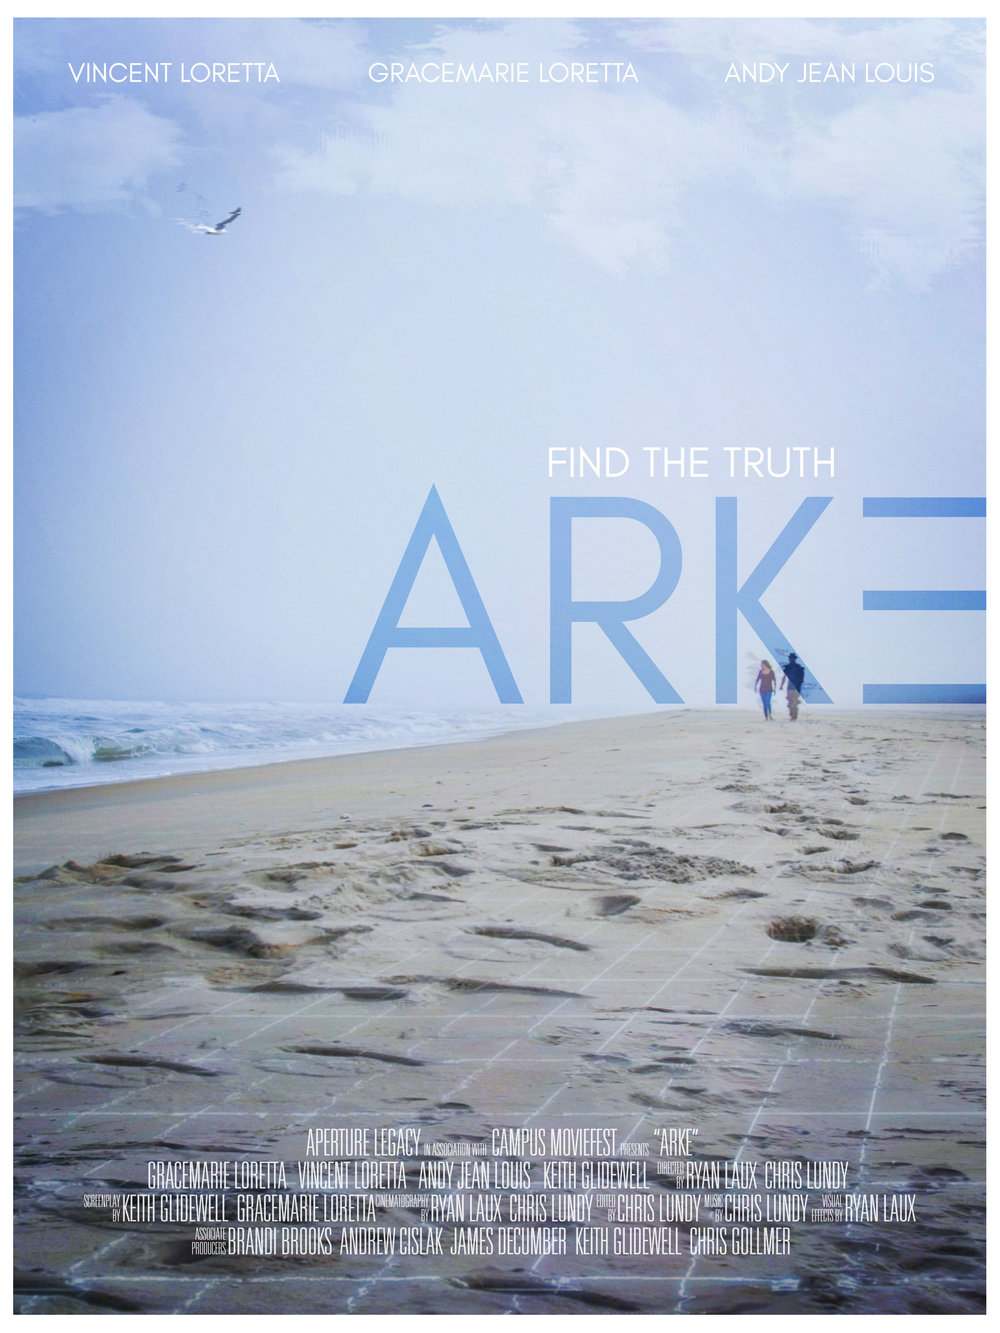 ARKE.jpg